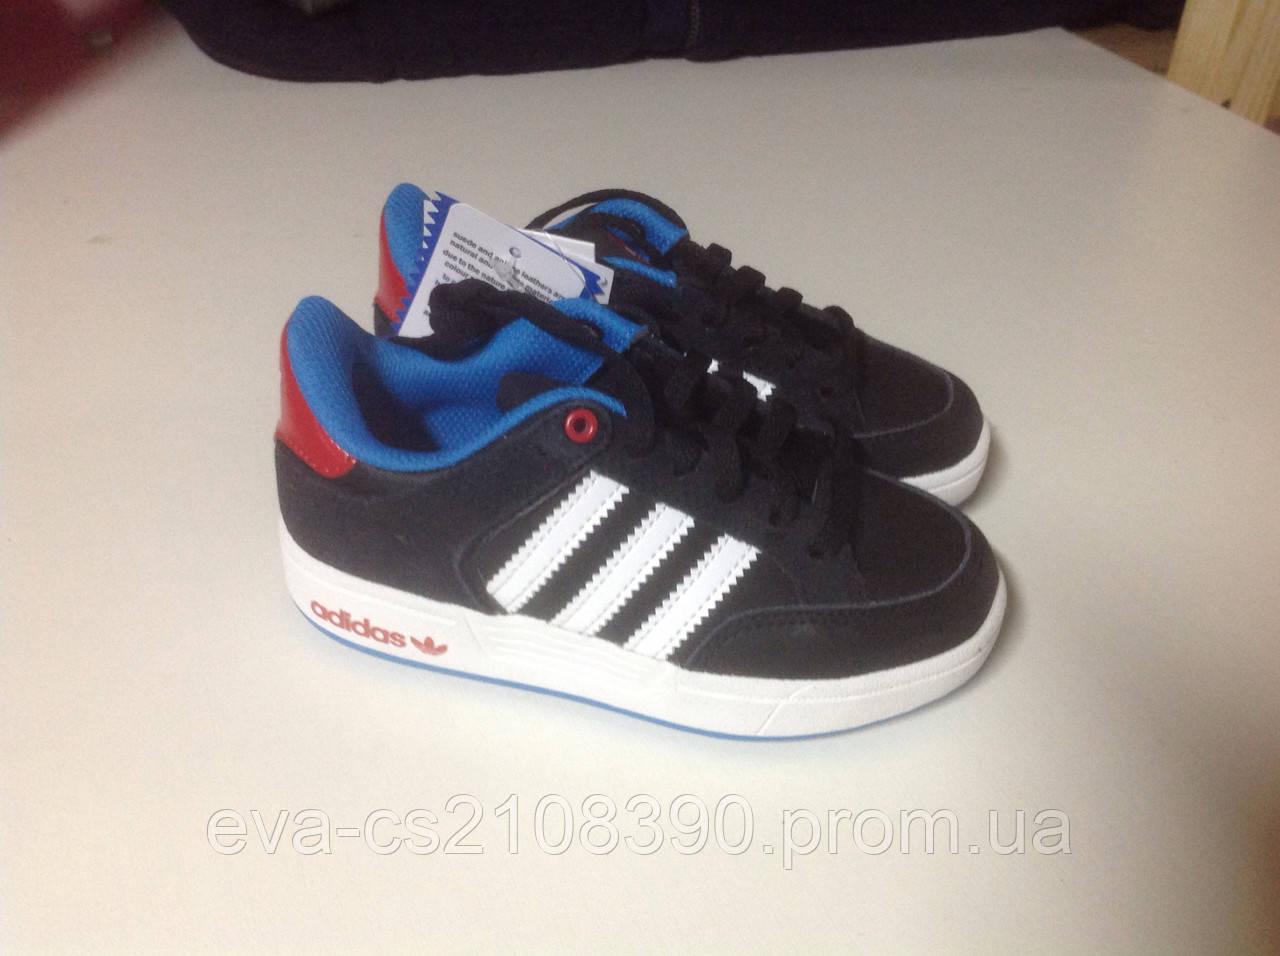 e98bbcaaf889 Детская обувь сток  продажа, цена в Мукачево. демисезонная детская и ...